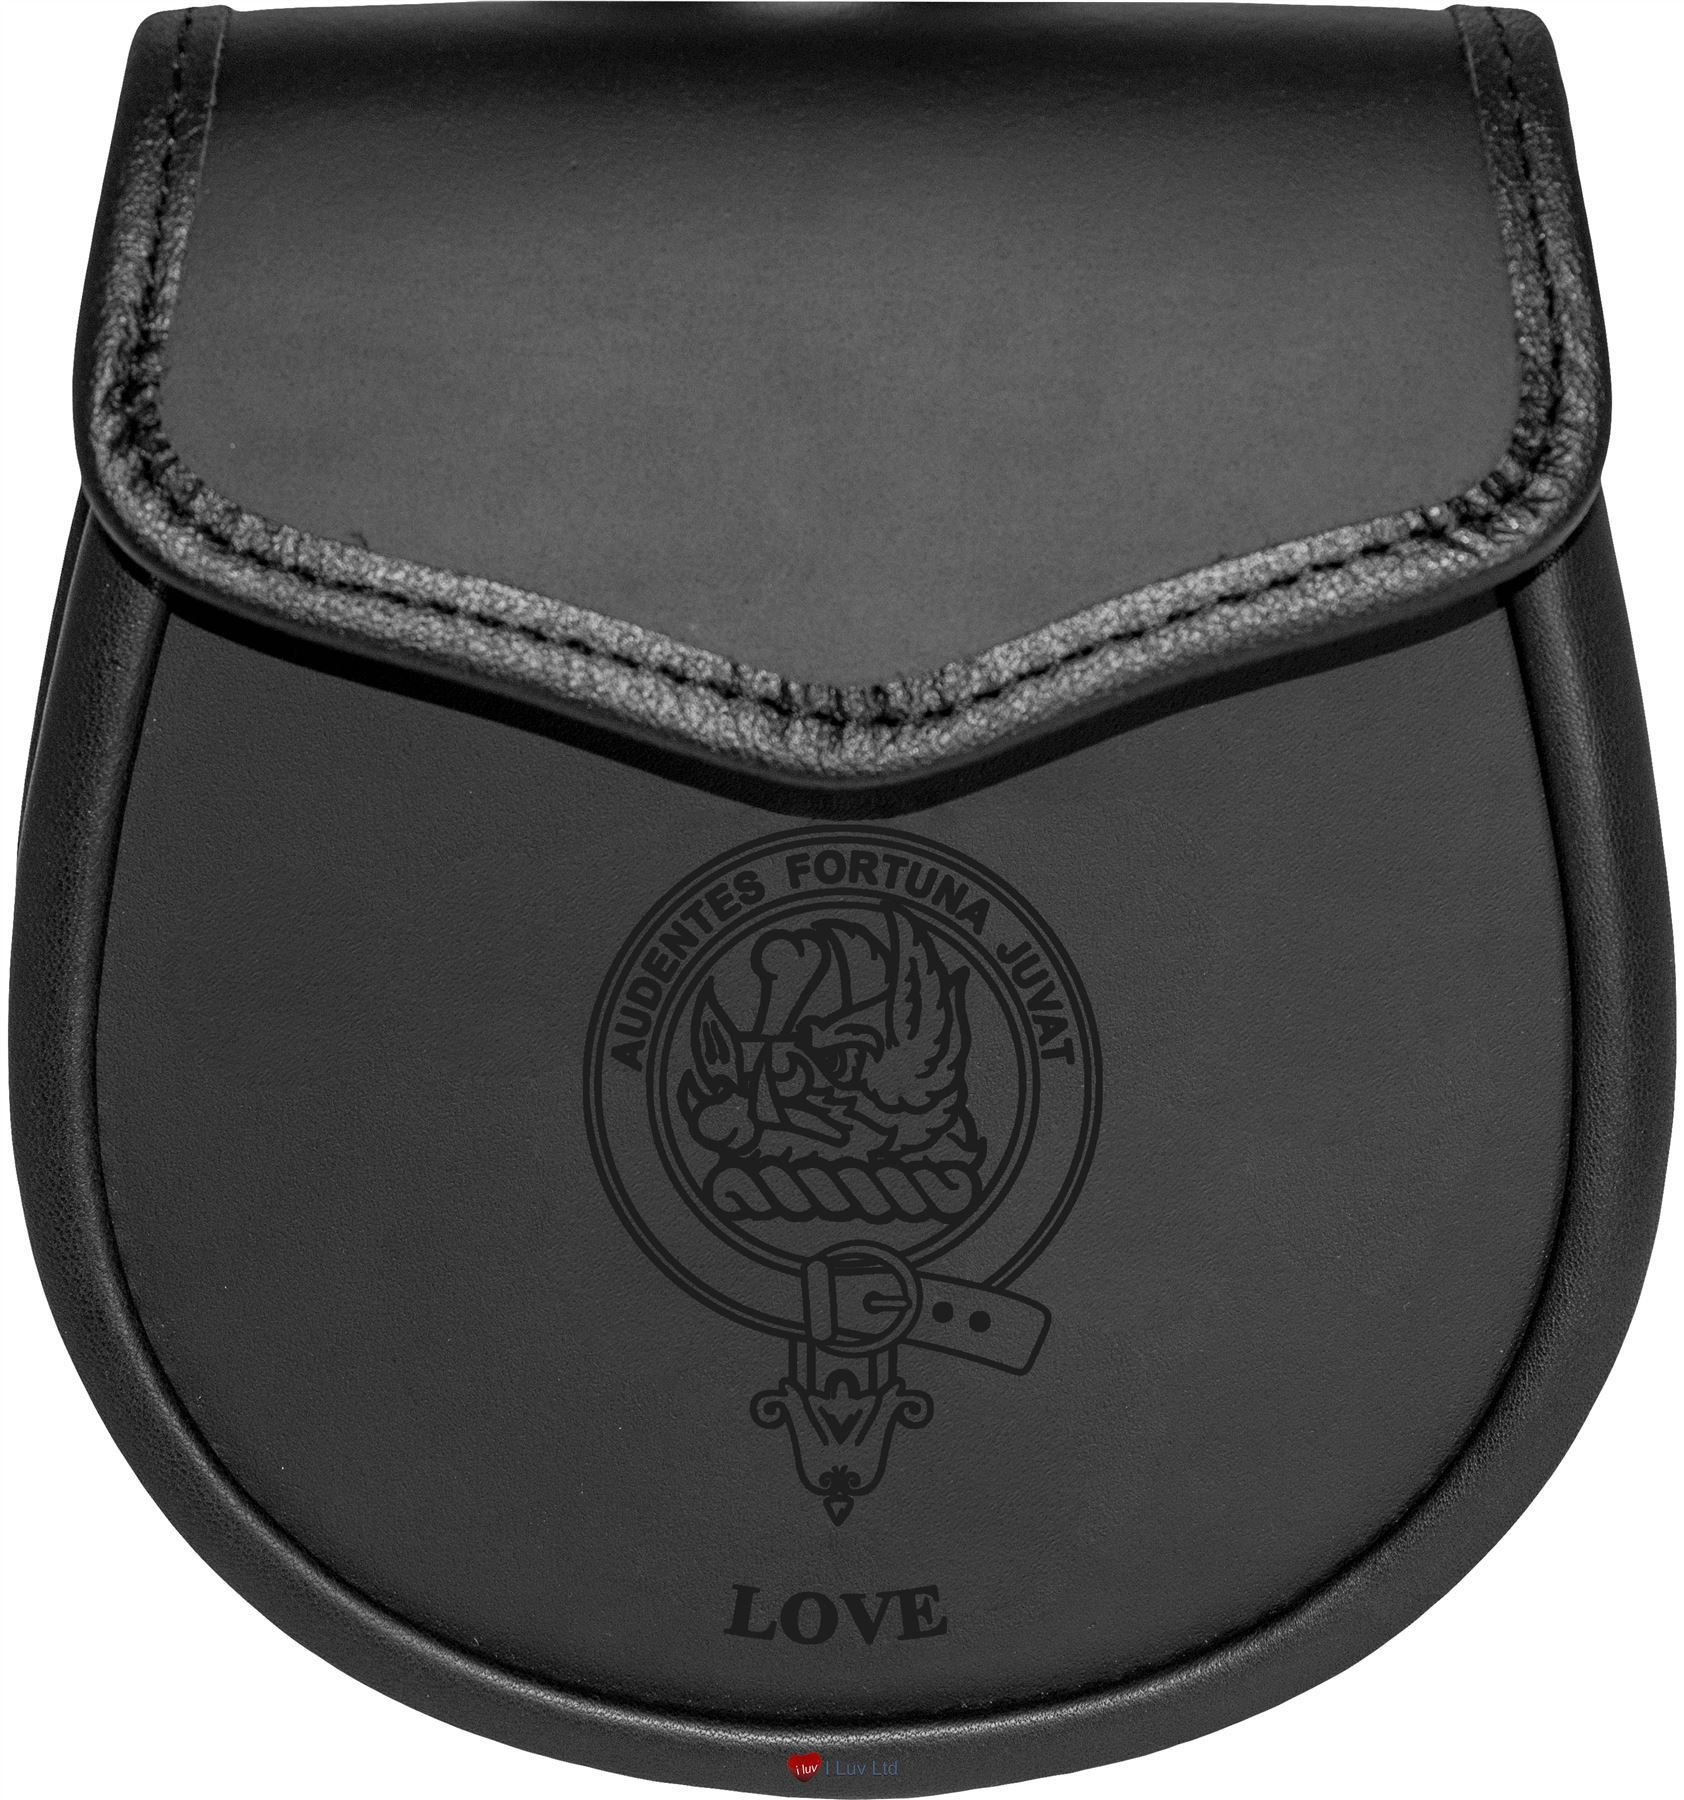 Love Leather Day Sporran Scottish Clan Crest